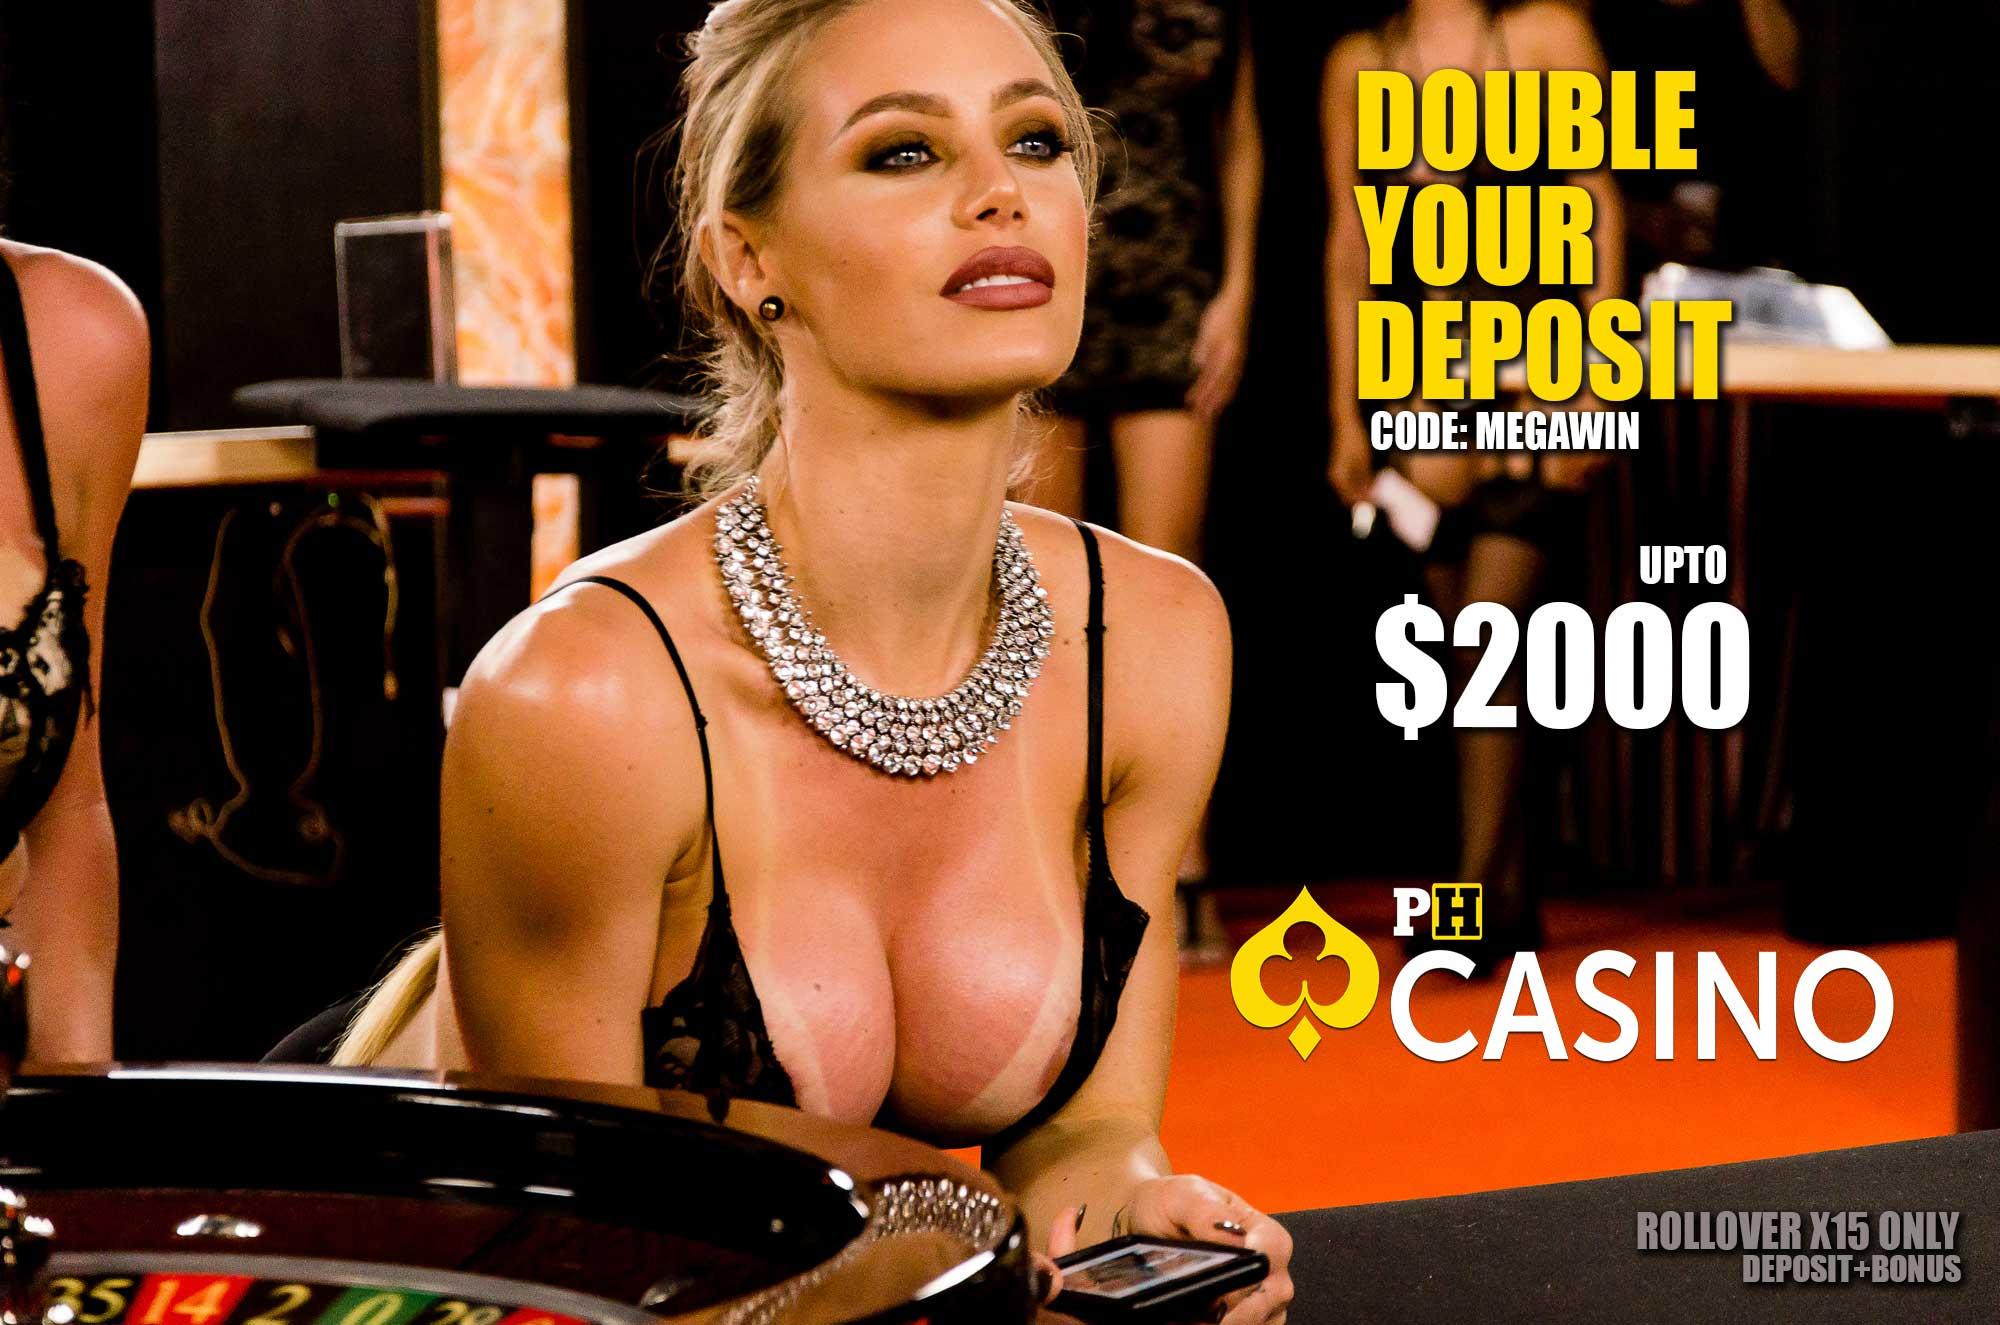 PH Casino Blackjack Промоция Queen of Hearts